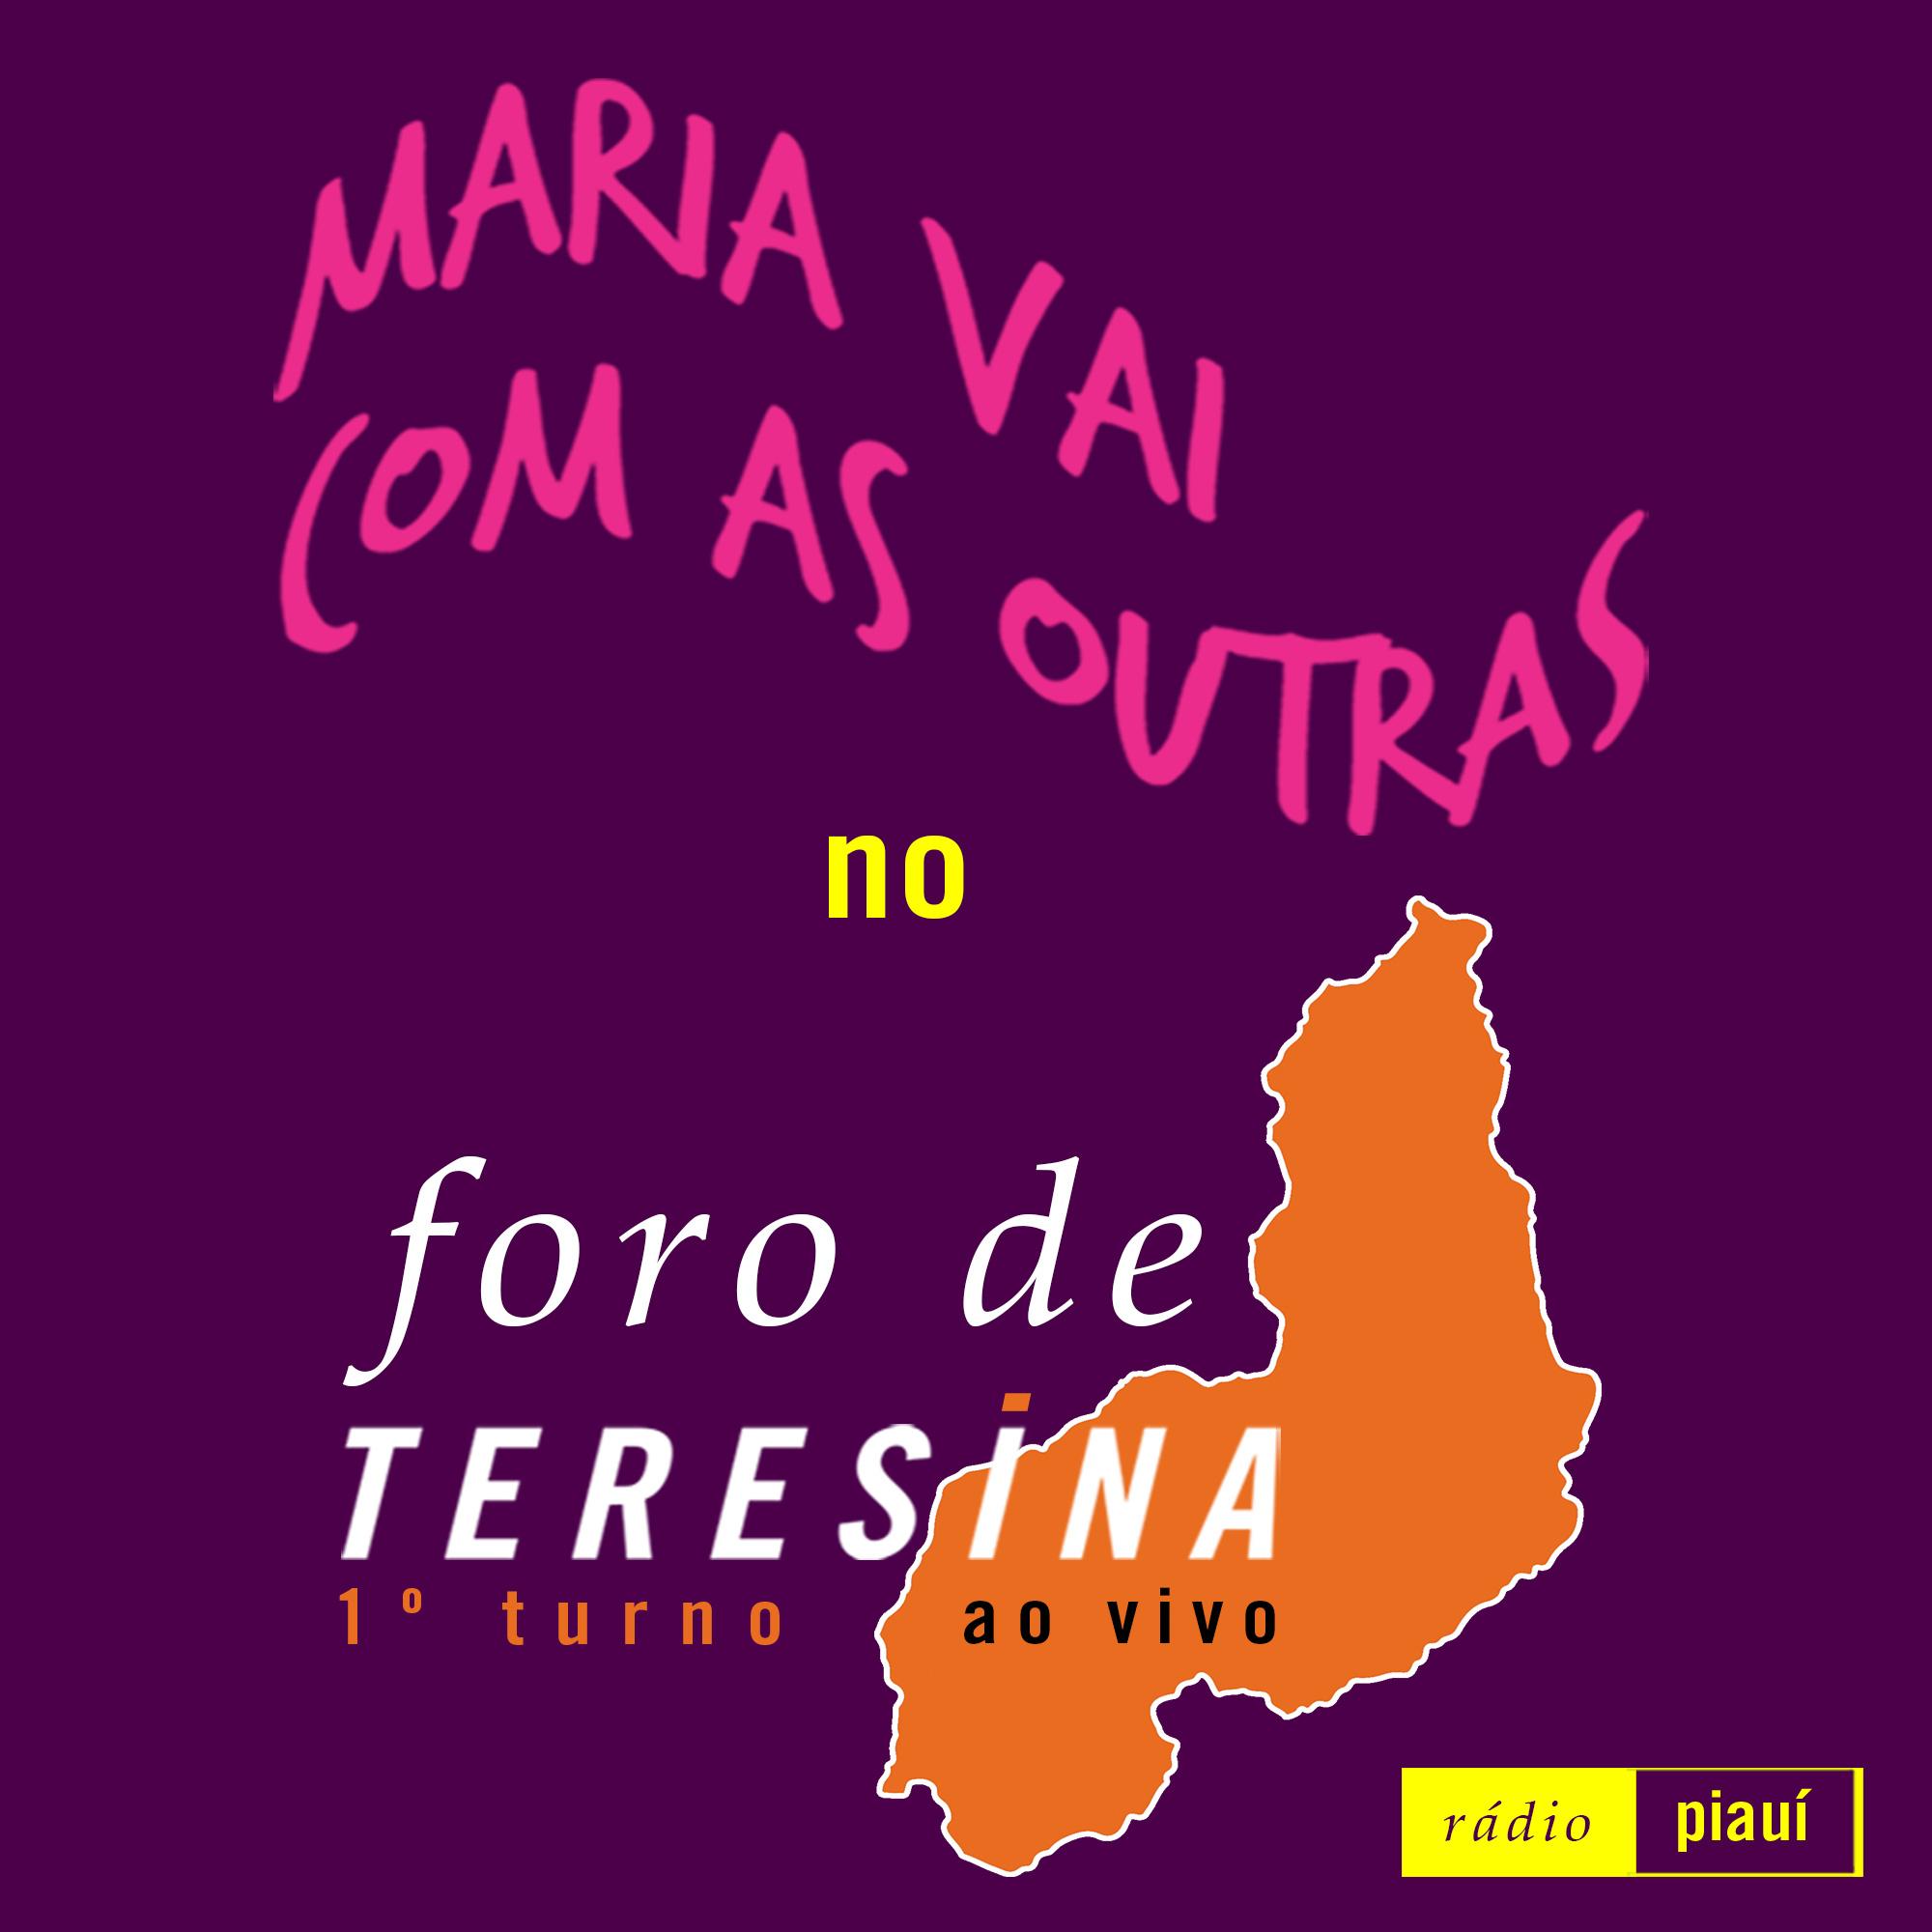 Extra: ao vivo no <i>Foro de Teresina</i>